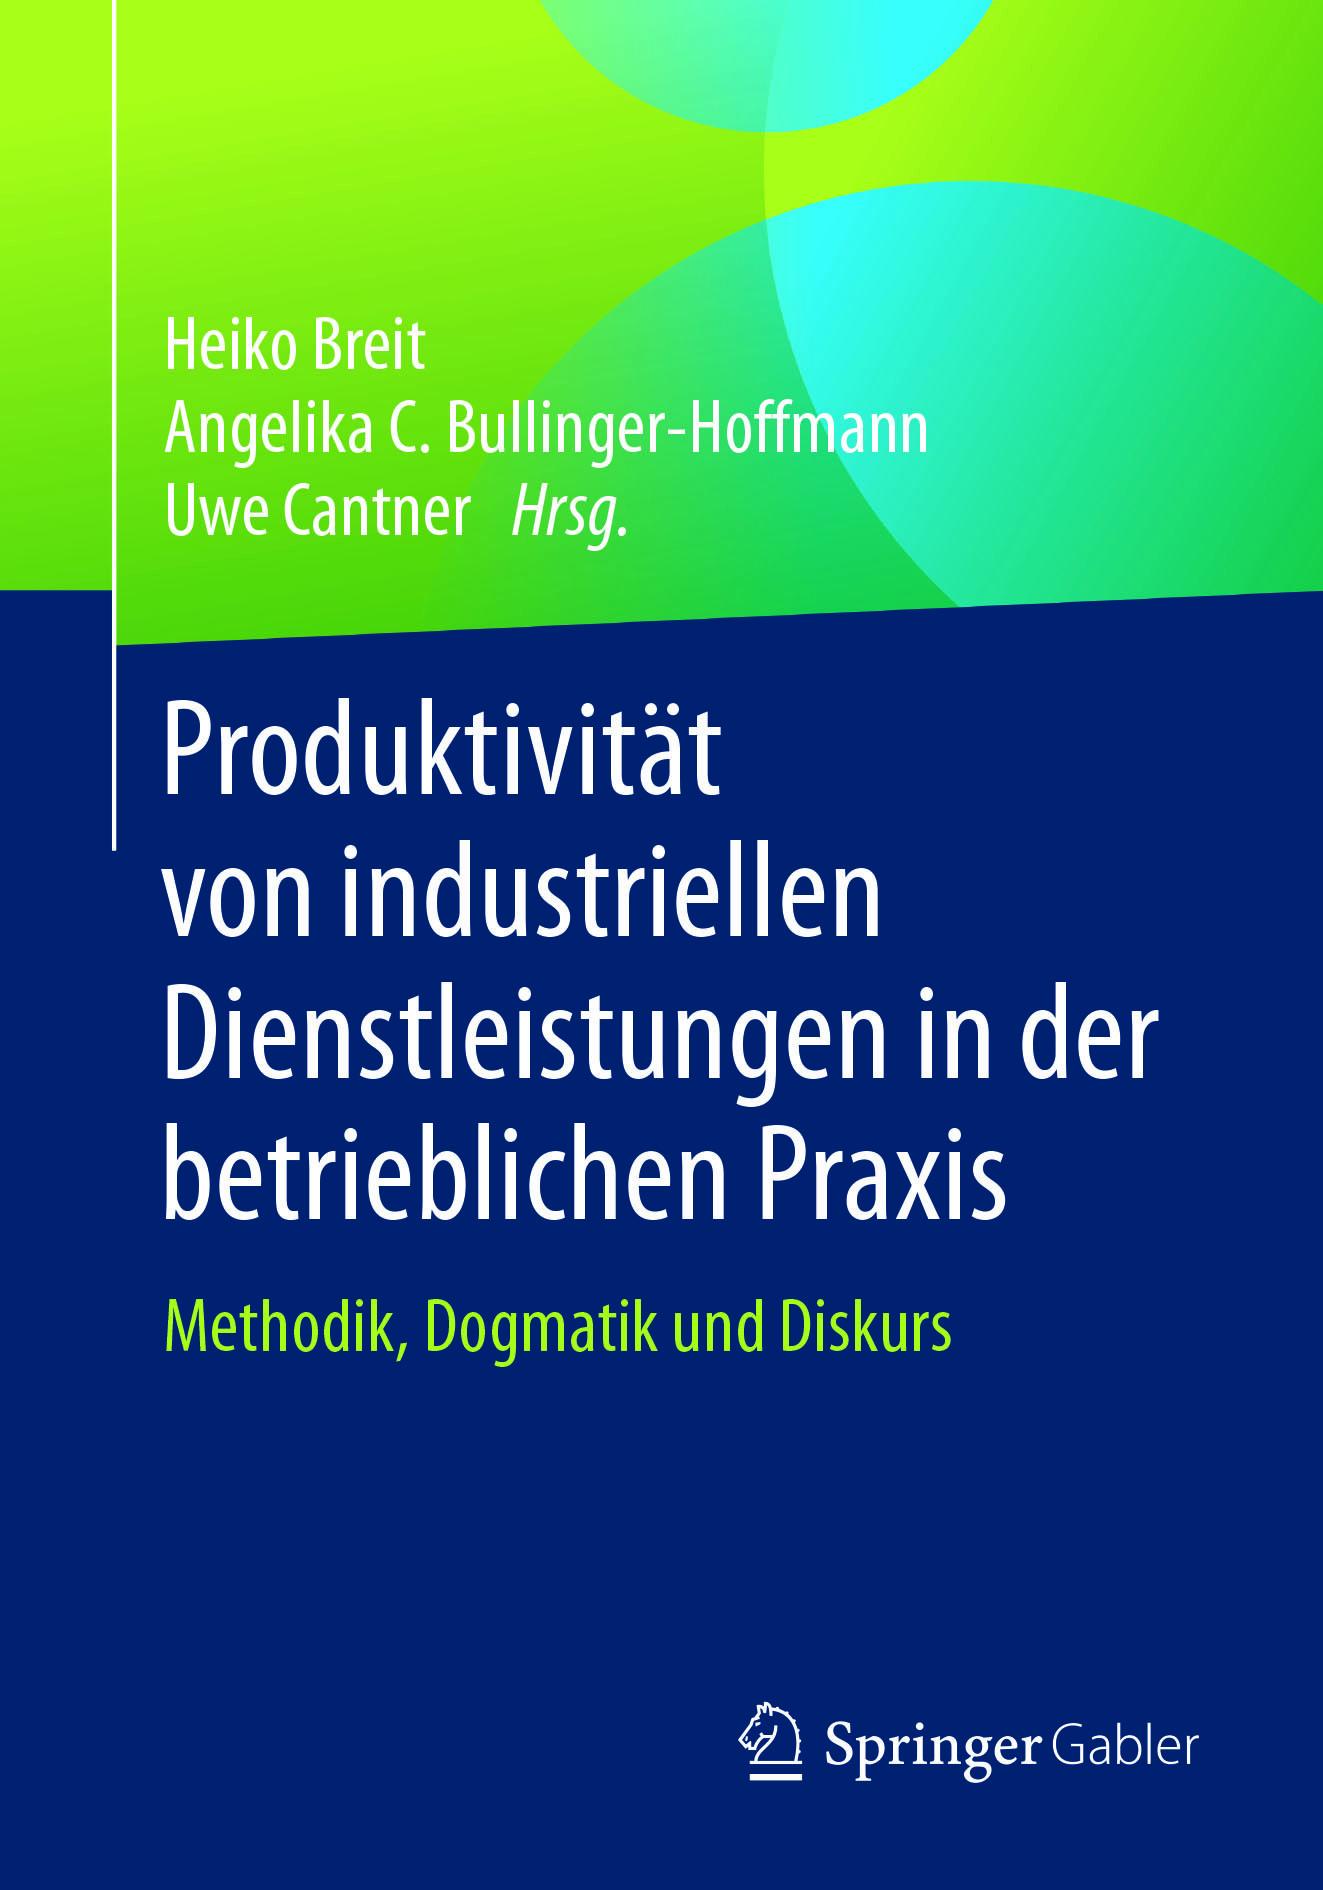 Breit, Heiko - Produktivität von industriellen Dienstleistungen in der betrieblichen Praxis, ebook